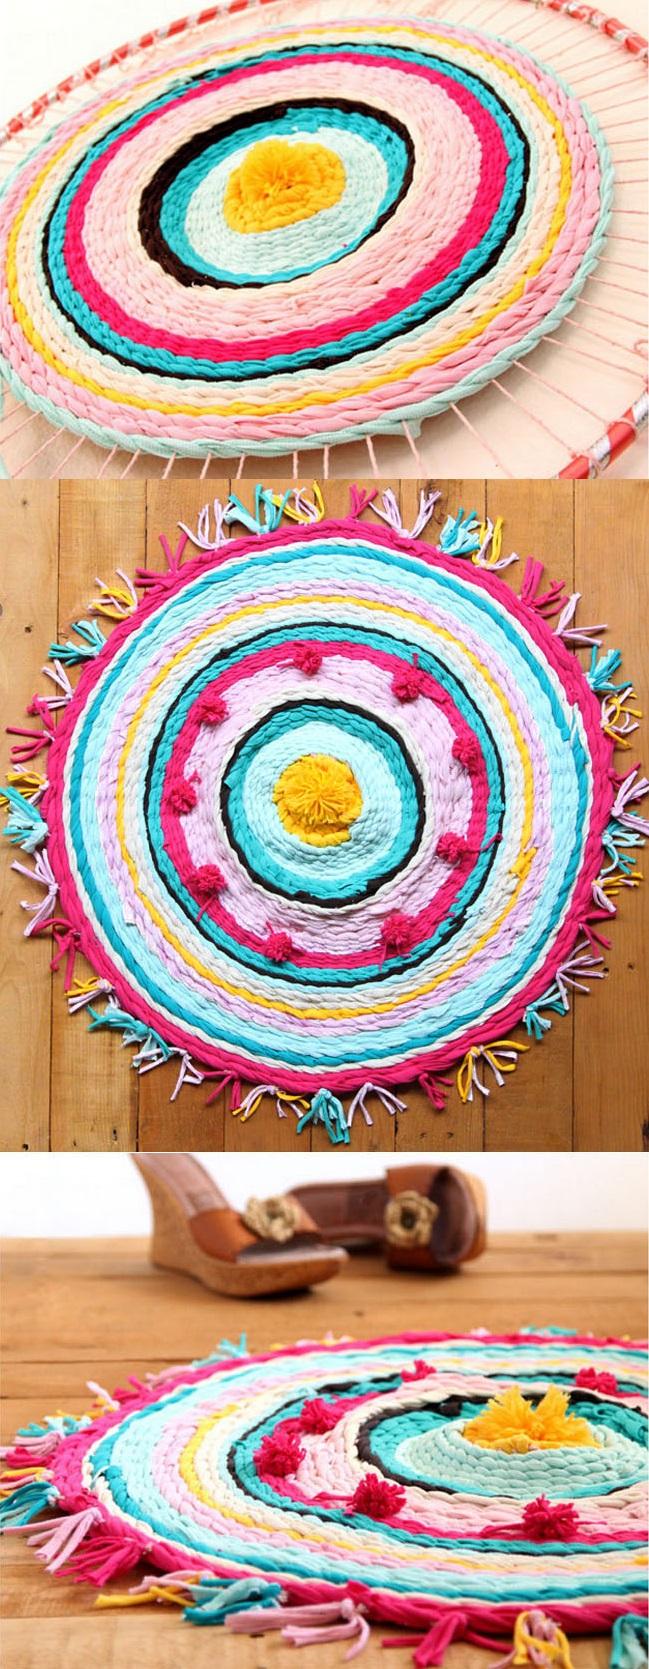 Как сделать круглый коврик, сплетенный из лент, нарезанных из старых футболок